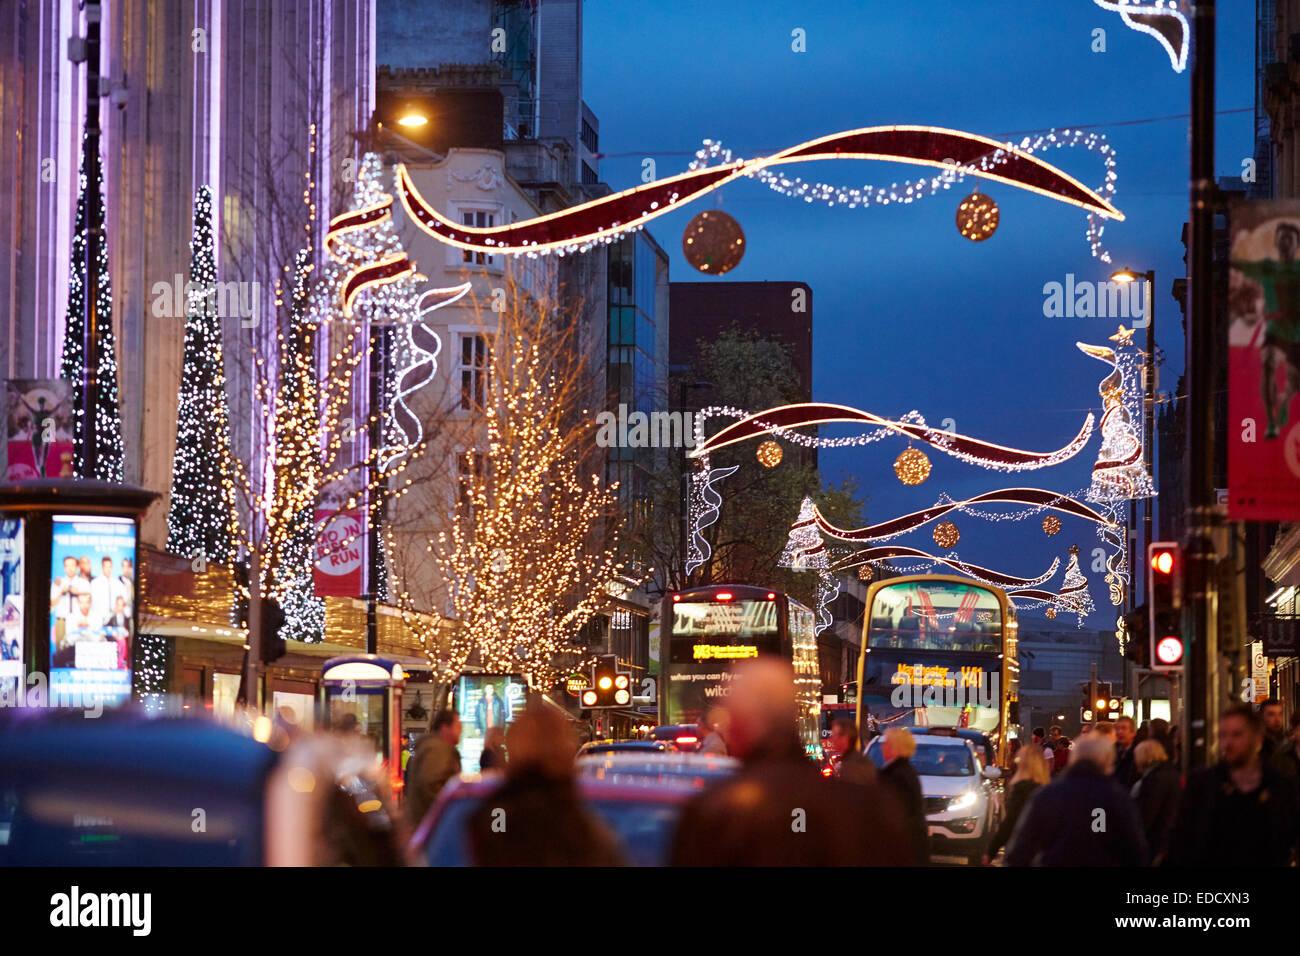 Christmas Lights Manchester Stock Photos & Christmas Lights ...